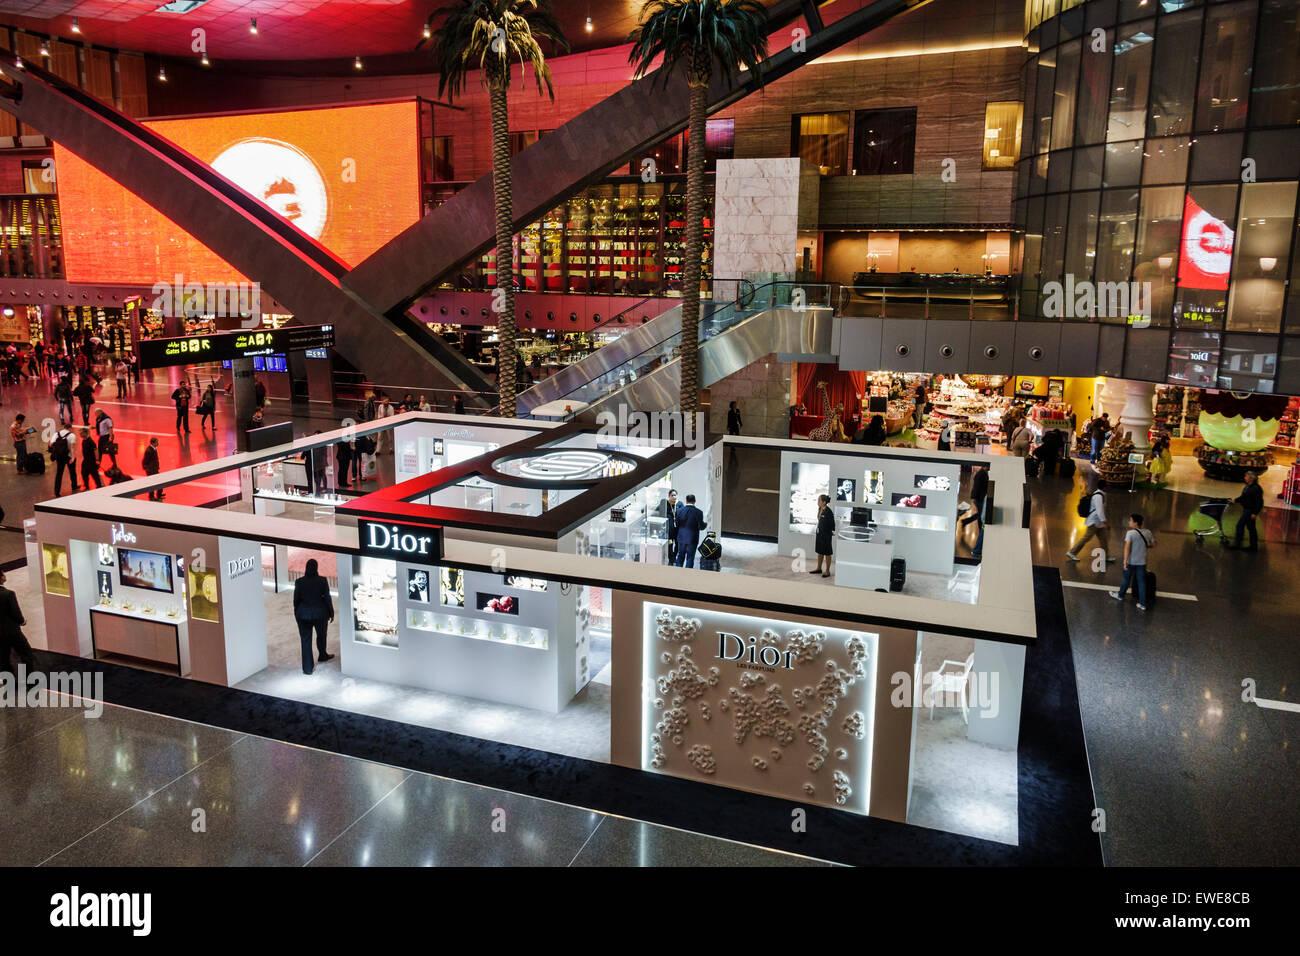 Qatar, Doha, Oriente Medio, este, Hamad Aeropuerto Internacional, DOH, terminal, vestíbulo, zona de puertas, interior, compras compradores tienda tiendas ma Foto de stock